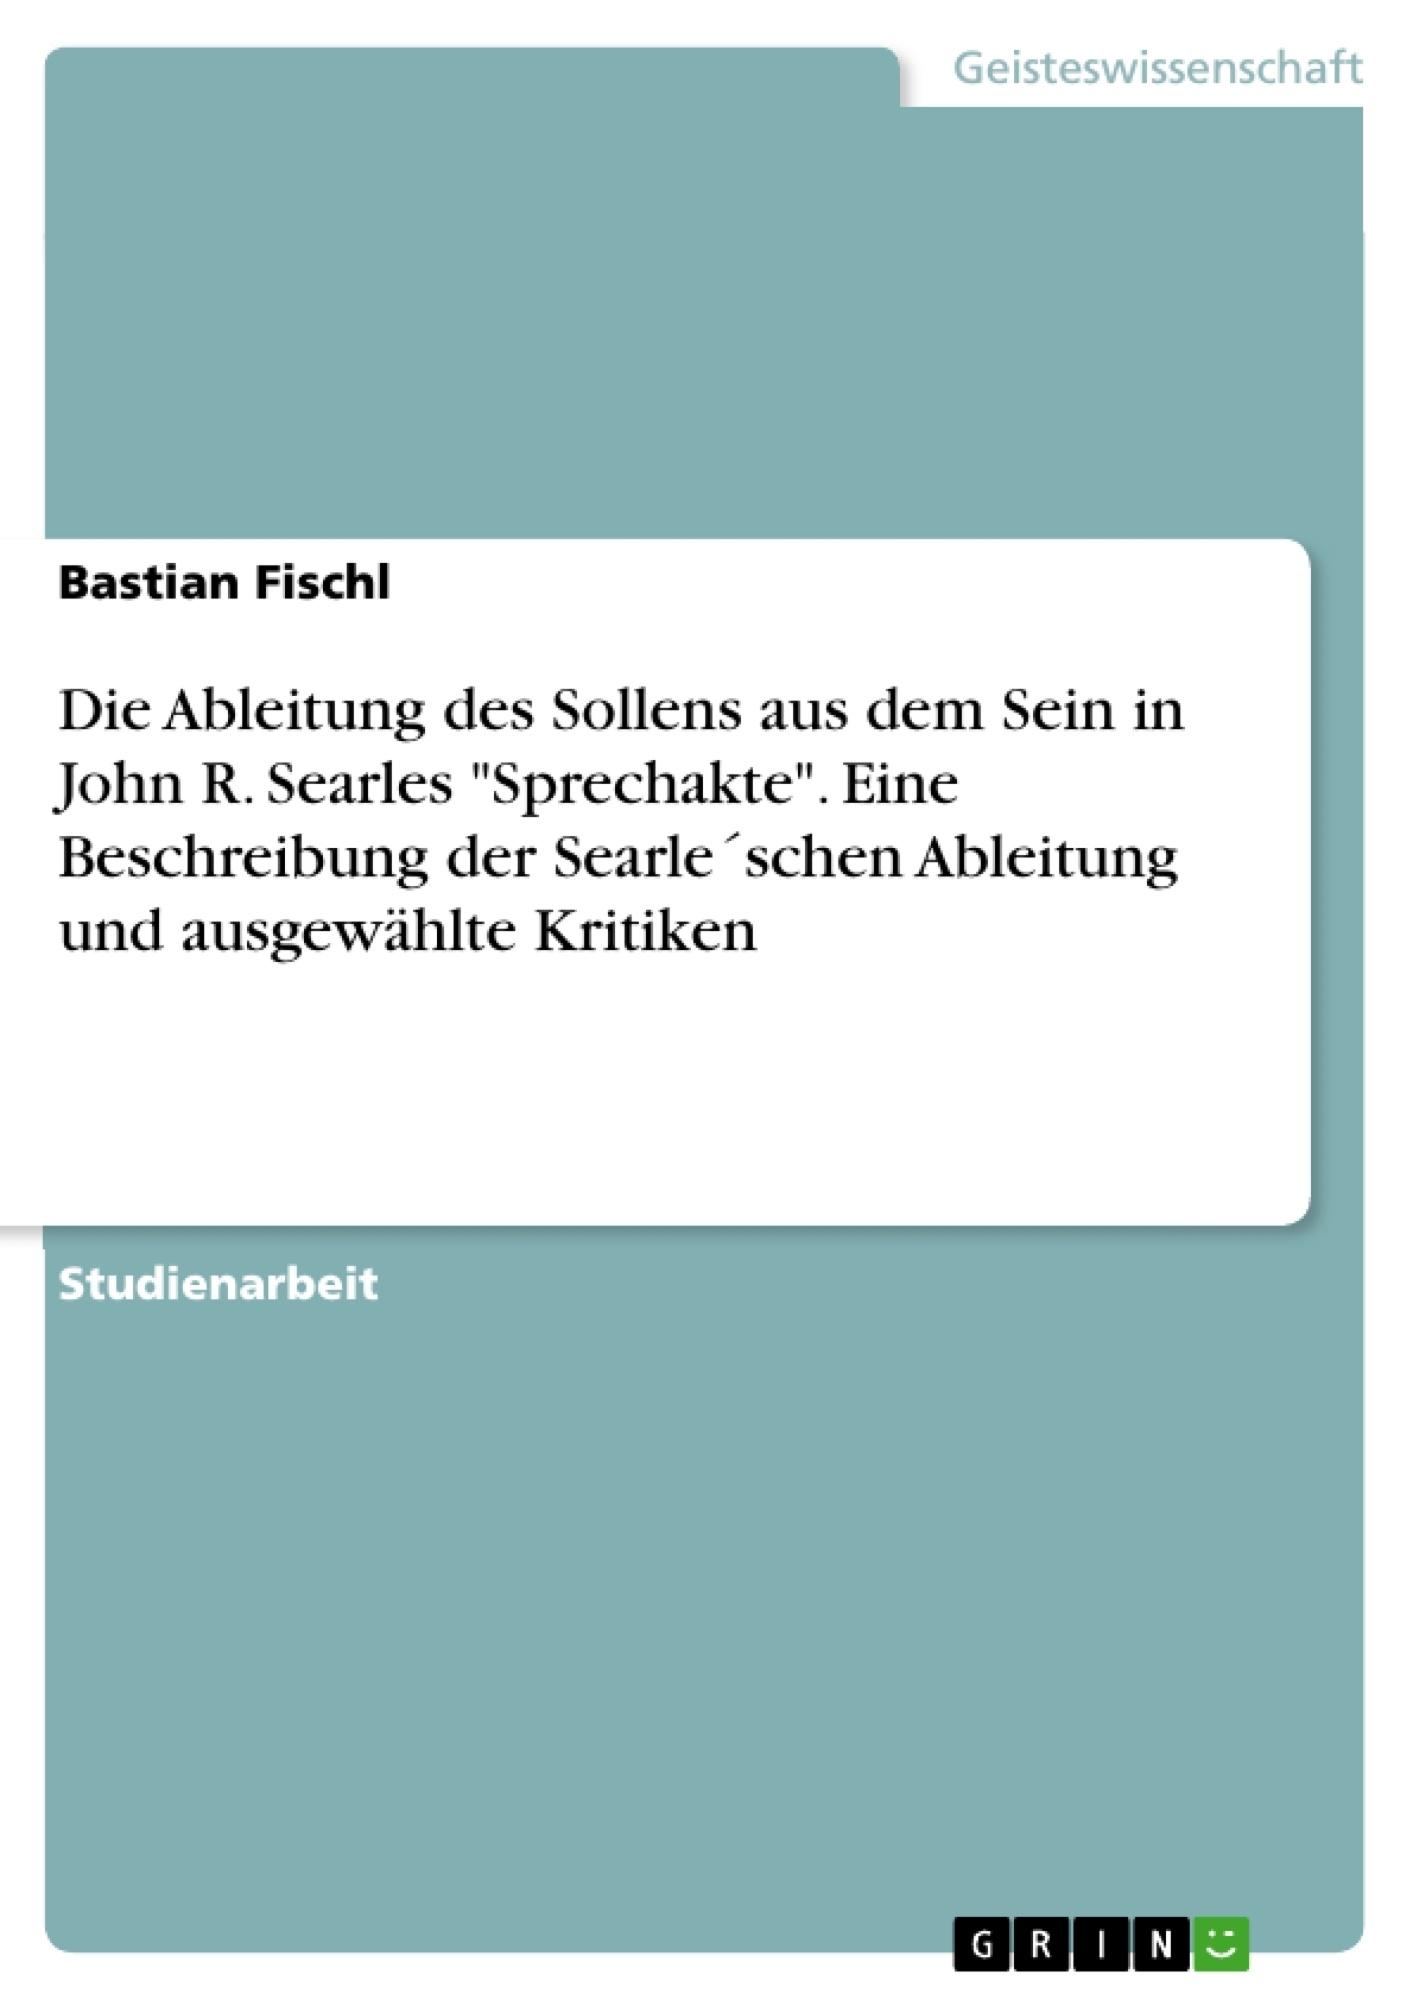 """Titel: Die Ableitung des Sollens aus dem Sein in John R. Searles """"Sprechakte"""". Eine Beschreibung der Searle´schen Ableitung und ausgewählte Kritiken"""